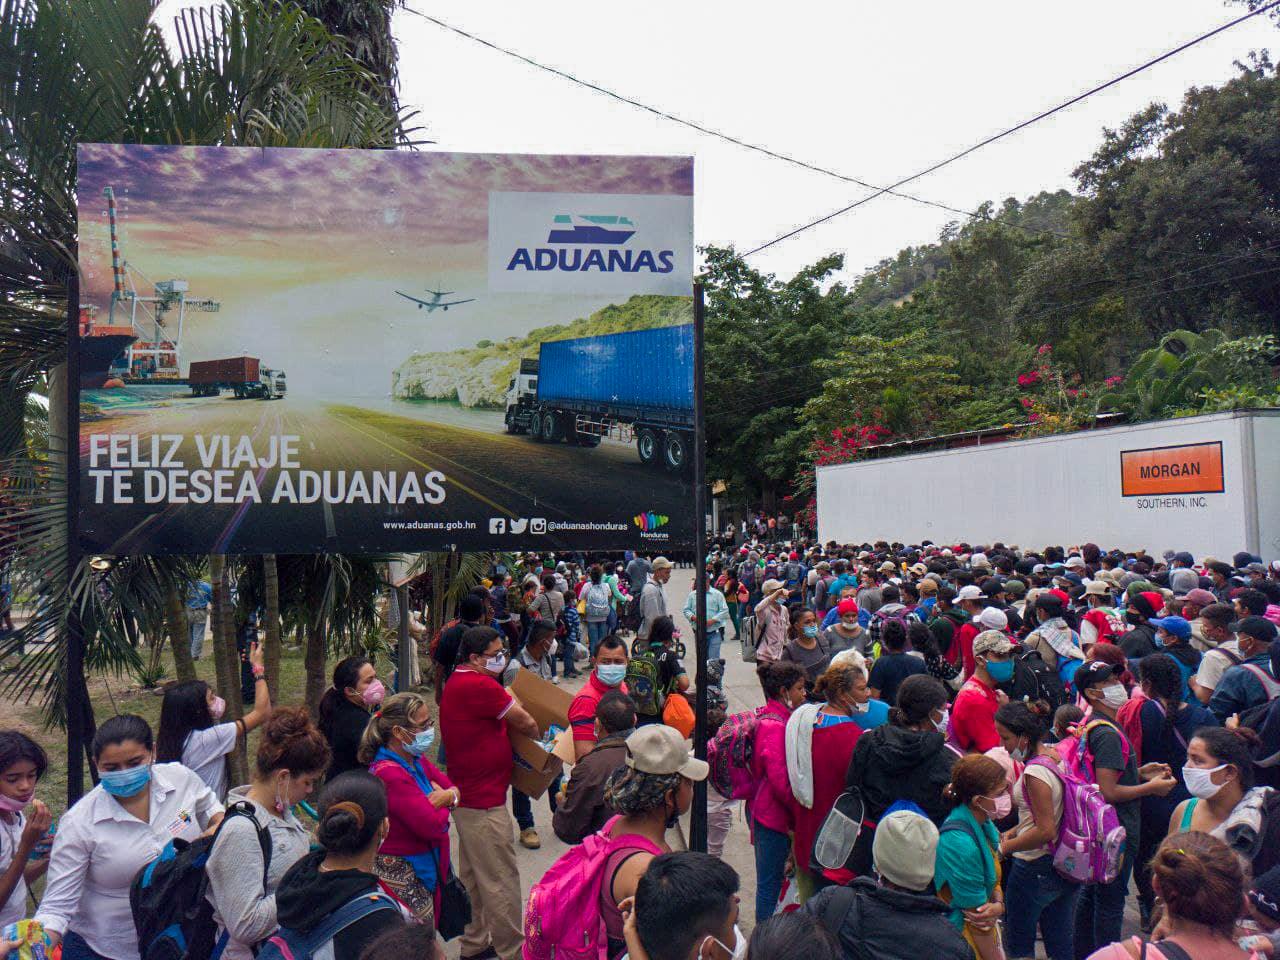 La caravana en el punto de control migratorio de Honduras en la aduana de El Florido. Entre la noche del viernes y la mañana del sábado unos 7000 hondureños ingresaron en caravana a Guatemala. El Florido, frontera de Honduras y Guatemala, 16 de enero de 2021. Foto Deiby Yánes.